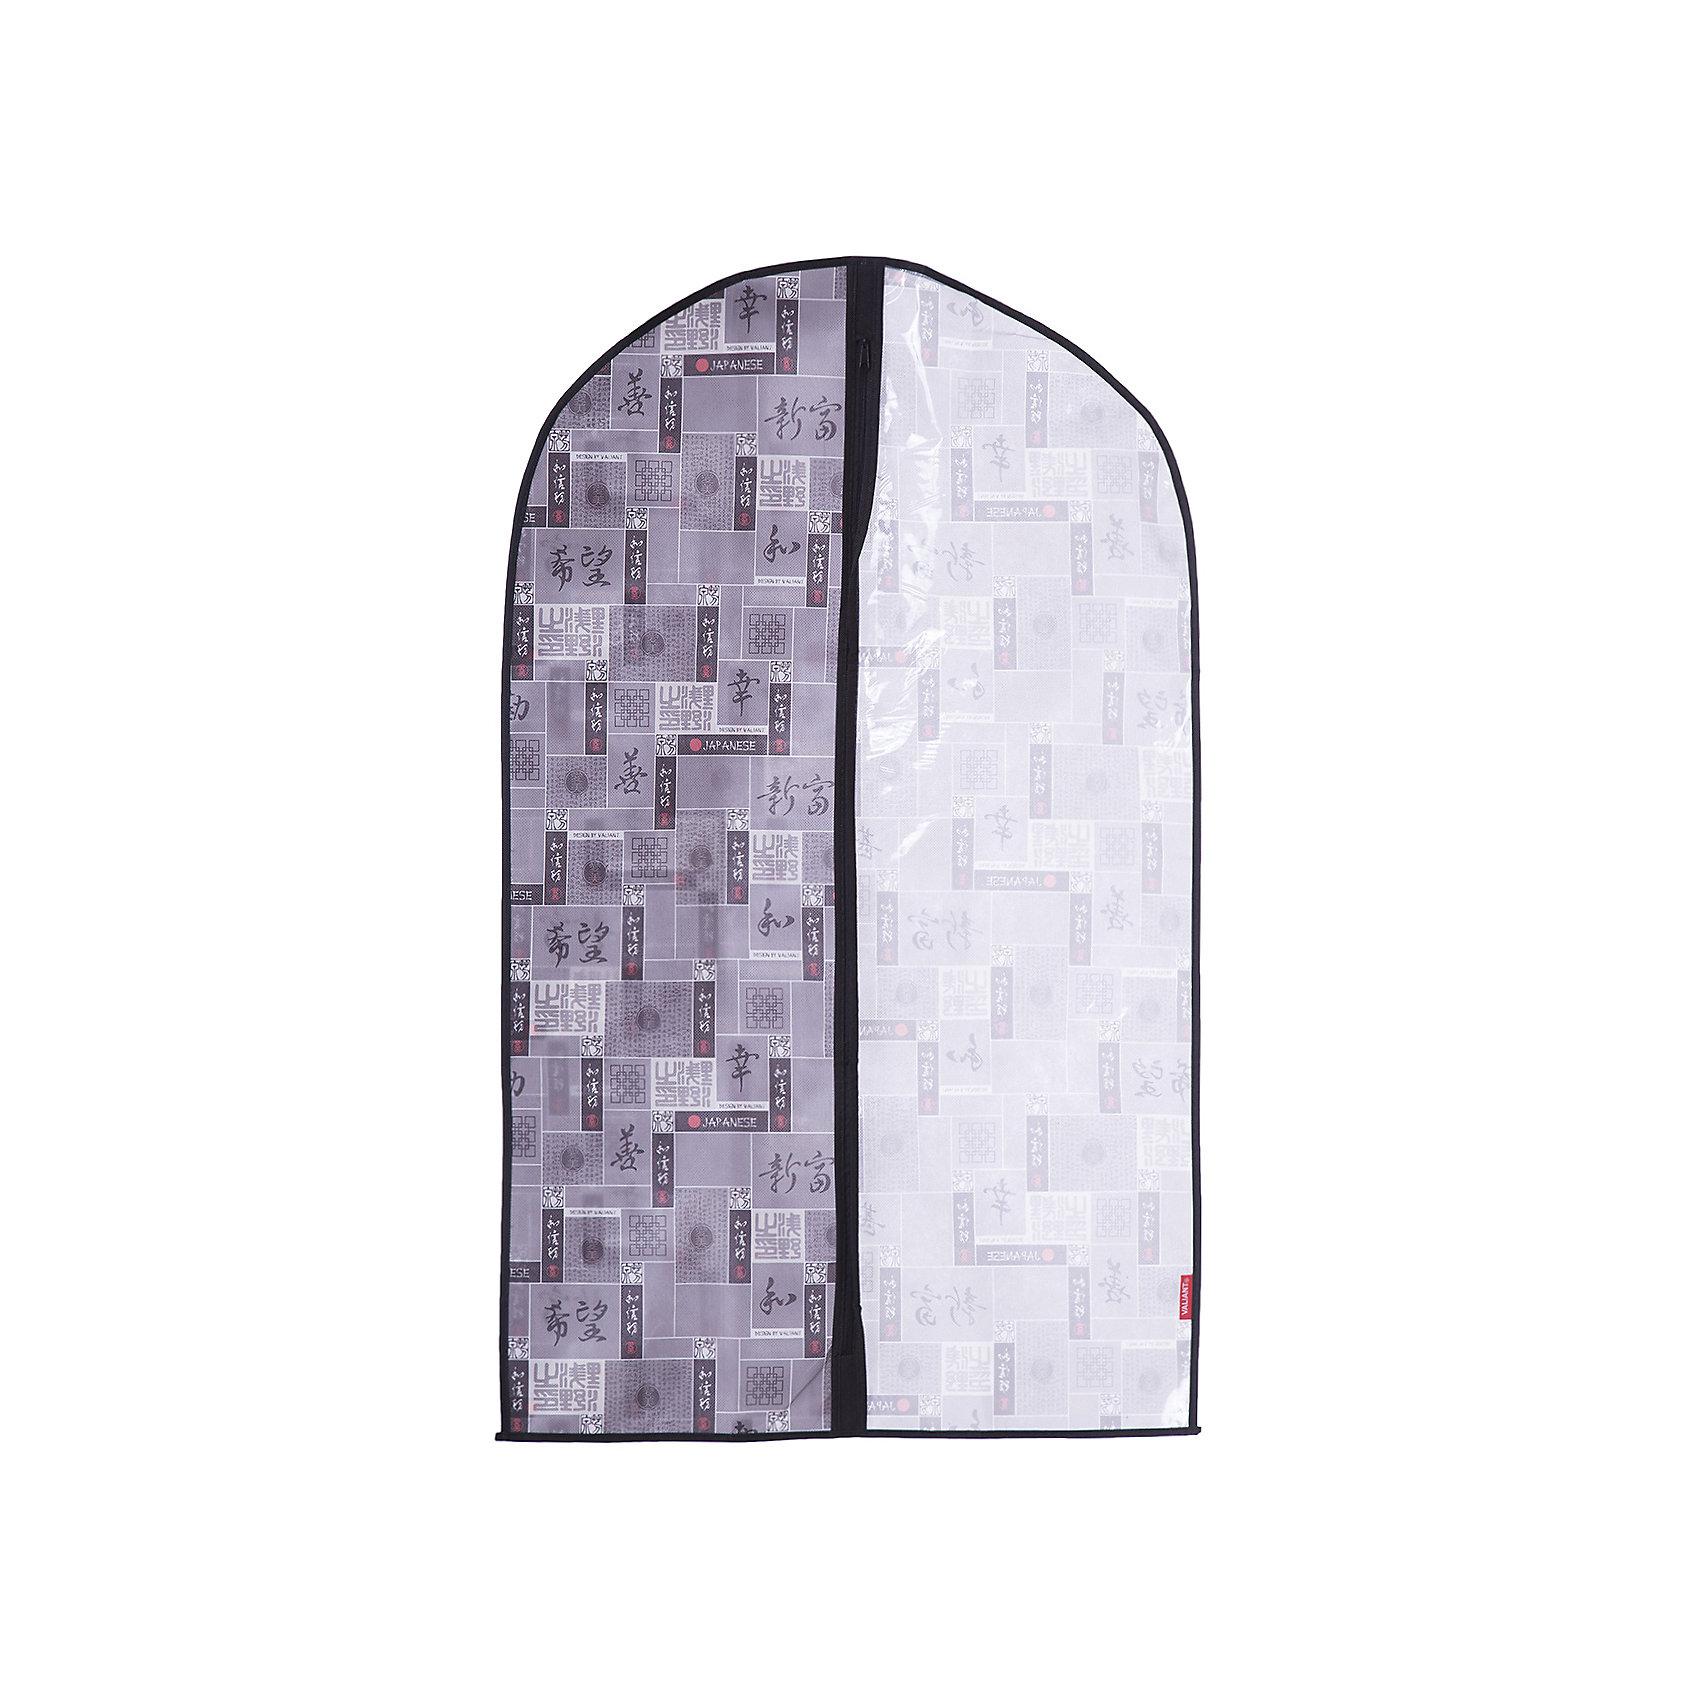 Чехол для одежды, малый, 60*100*10 см, JAPANESE BLACK, ValiantПорядок в детской<br>Чехол для одежды, малый, 60*100*10 см, JAPANESE BLACK, Valiant (Валиант) – это эстетичное решение для хранения одежды.<br>Чехол для одежды JAPANESE BLACK от Valiant (Валиант) разработан специально для хранения короткой верхней одежды: шуб, дубленок, пуховиков, пальто, плащей, костюмов и платьев. Он изготовлен из высококачественного нетканого материала, который обеспечивает естественную вентиляцию, позволяя воздуху проникать внутрь, но не пропускает пыль. Чехол очень удобен в использовании. Прозрачная вставка позволит увидеть вещь в чехле, не расстегивая его. Чехол легко открывается и закрывается застежкой-молнией. Идеально подойдет для хранения одежды и удобной перевозки. Чехол JAPANESE BLACK от Valiant (Валиант) гармонично смотрится в гардеробе. Лаконичный и сдержанный дизайн, напоминающий характер самурая, разработан специально для тех, кто предпочитает строгие линии и неяркие практичные цвета. В принте использованы японские иероглифы богатство, удача, благодеяние, гармония, мир и согласие.<br><br>Дополнительная информация:<br><br>- Размер: 60х100х10 см.<br>- Материал: нетканый материал, ПВХ<br>- Цвет: серый, черный<br><br>Чехол для одежды, малый, 60*100*10 см, JAPANESE BLACK, Valiant (Валиант) можно купить в нашем интернет-магазине.<br><br>Ширина мм: 205<br>Глубина мм: 10<br>Высота мм: 430<br>Вес г: 189<br>Возраст от месяцев: 36<br>Возраст до месяцев: 1080<br>Пол: Унисекс<br>Возраст: Детский<br>SKU: 4993438